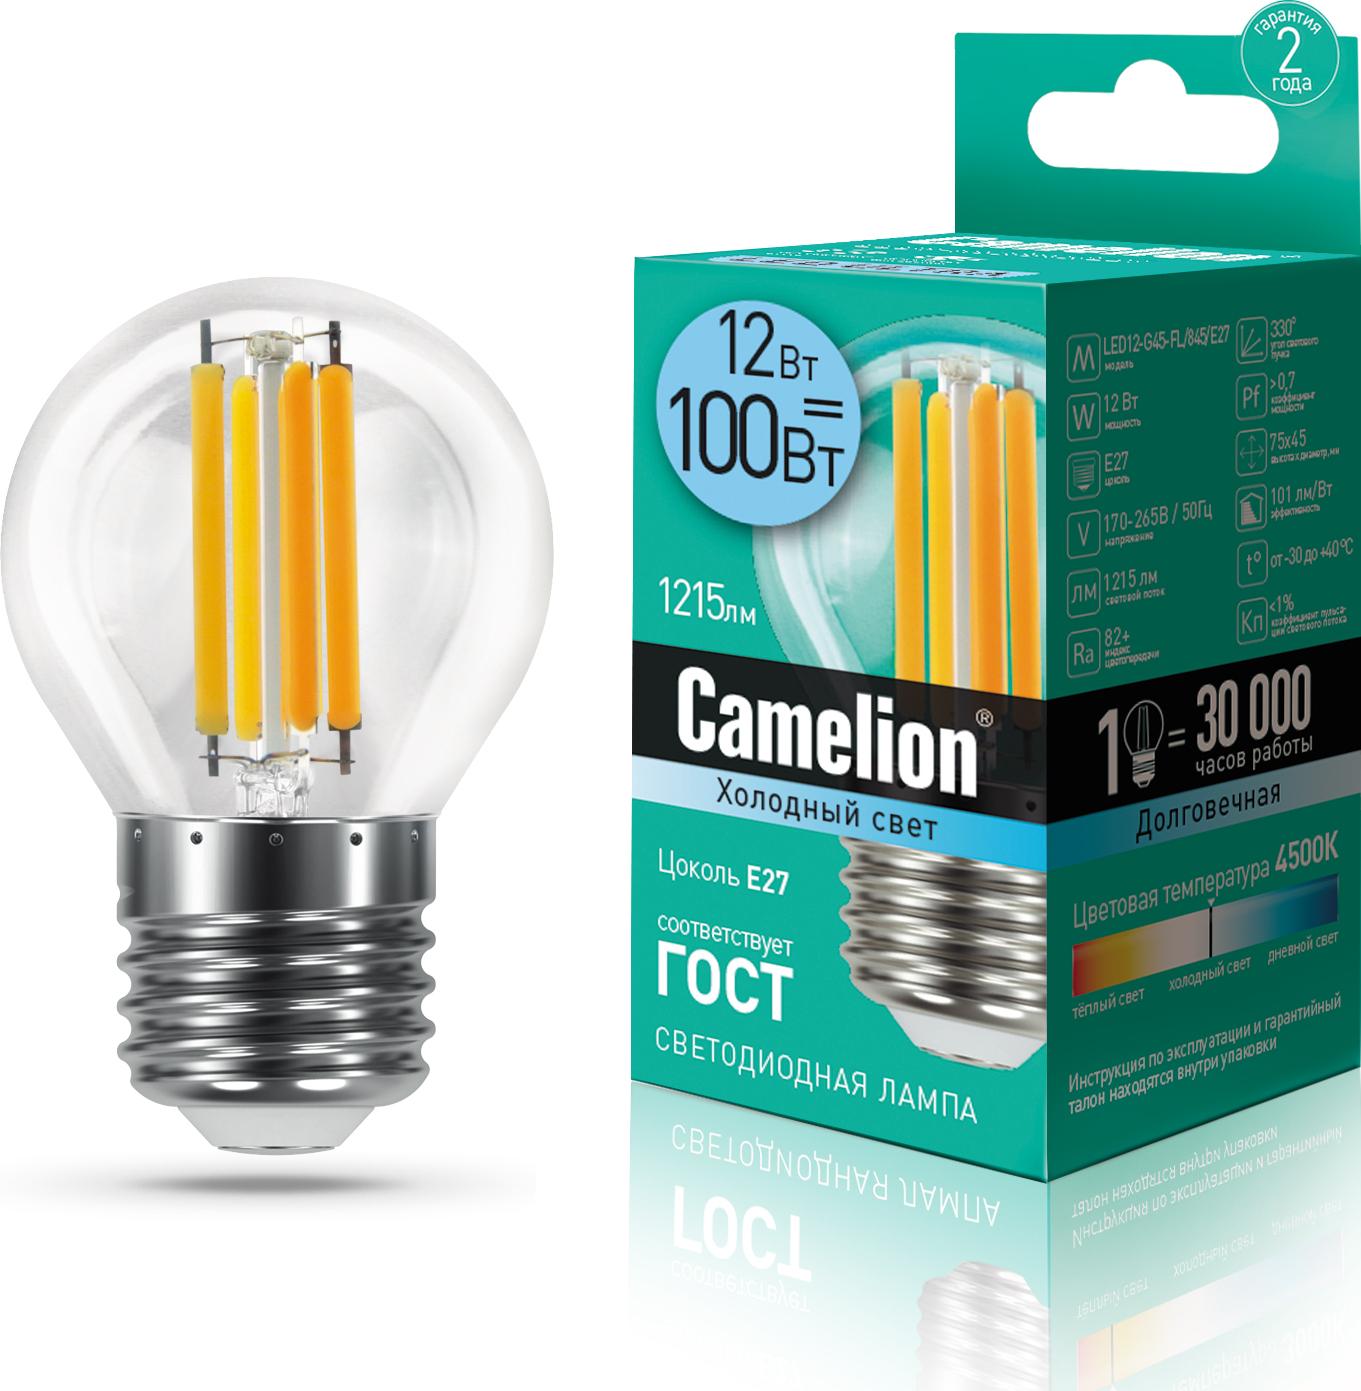 Лампочка Camelion LED12-G45-FL/845/E27, Холодный свет 12 Вт, Светодиодная